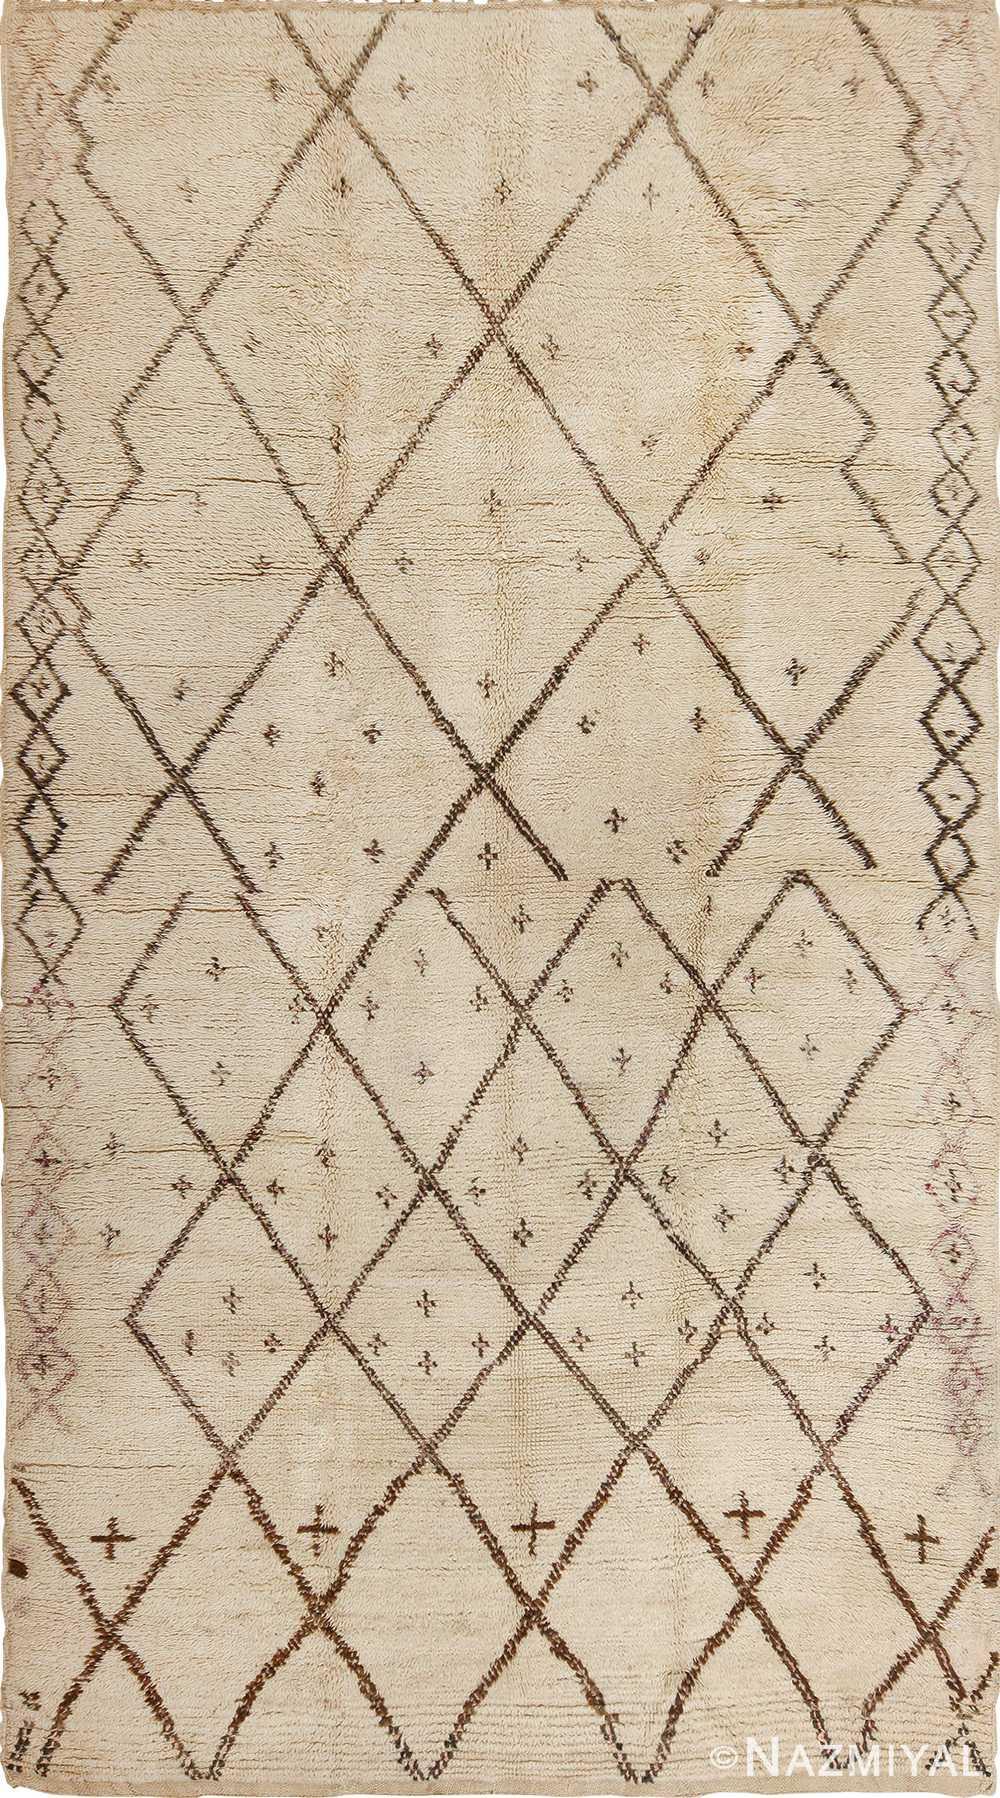 Hình ảnh background vintage tấm thảm